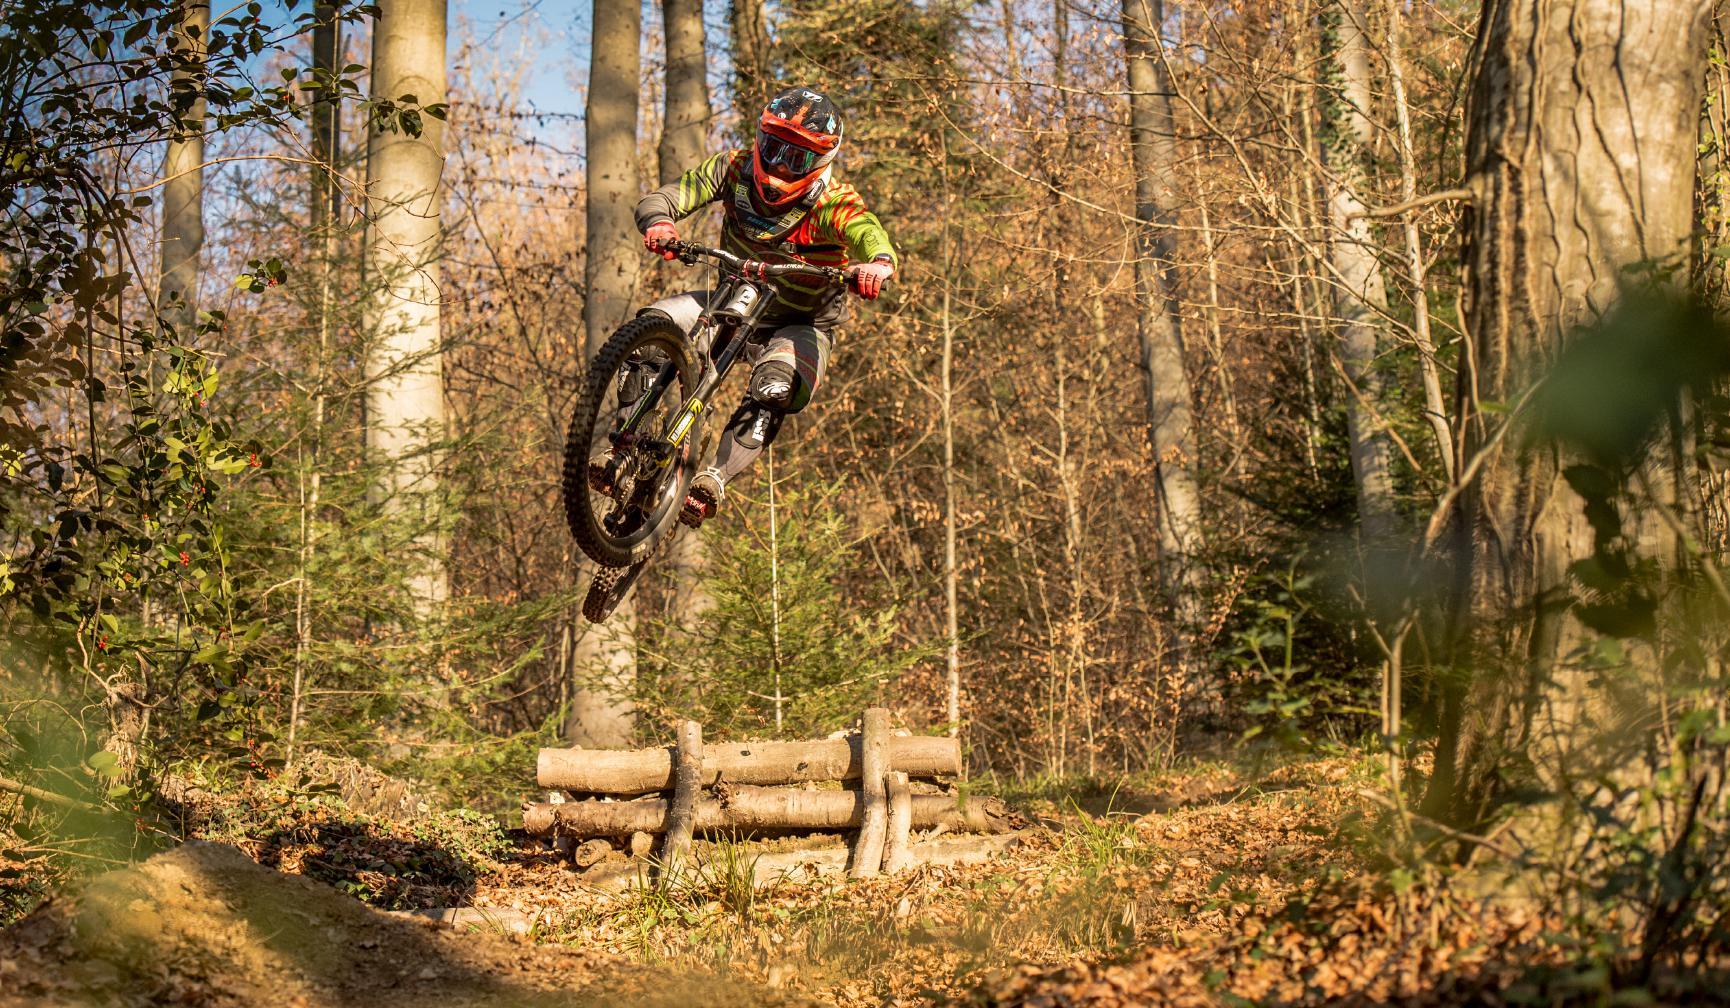 Bei dern Propain Performance Days können Propain Kunden ab sofort mit der Downhill Legende Marcus Klausmann fahren und fachsimpeln.